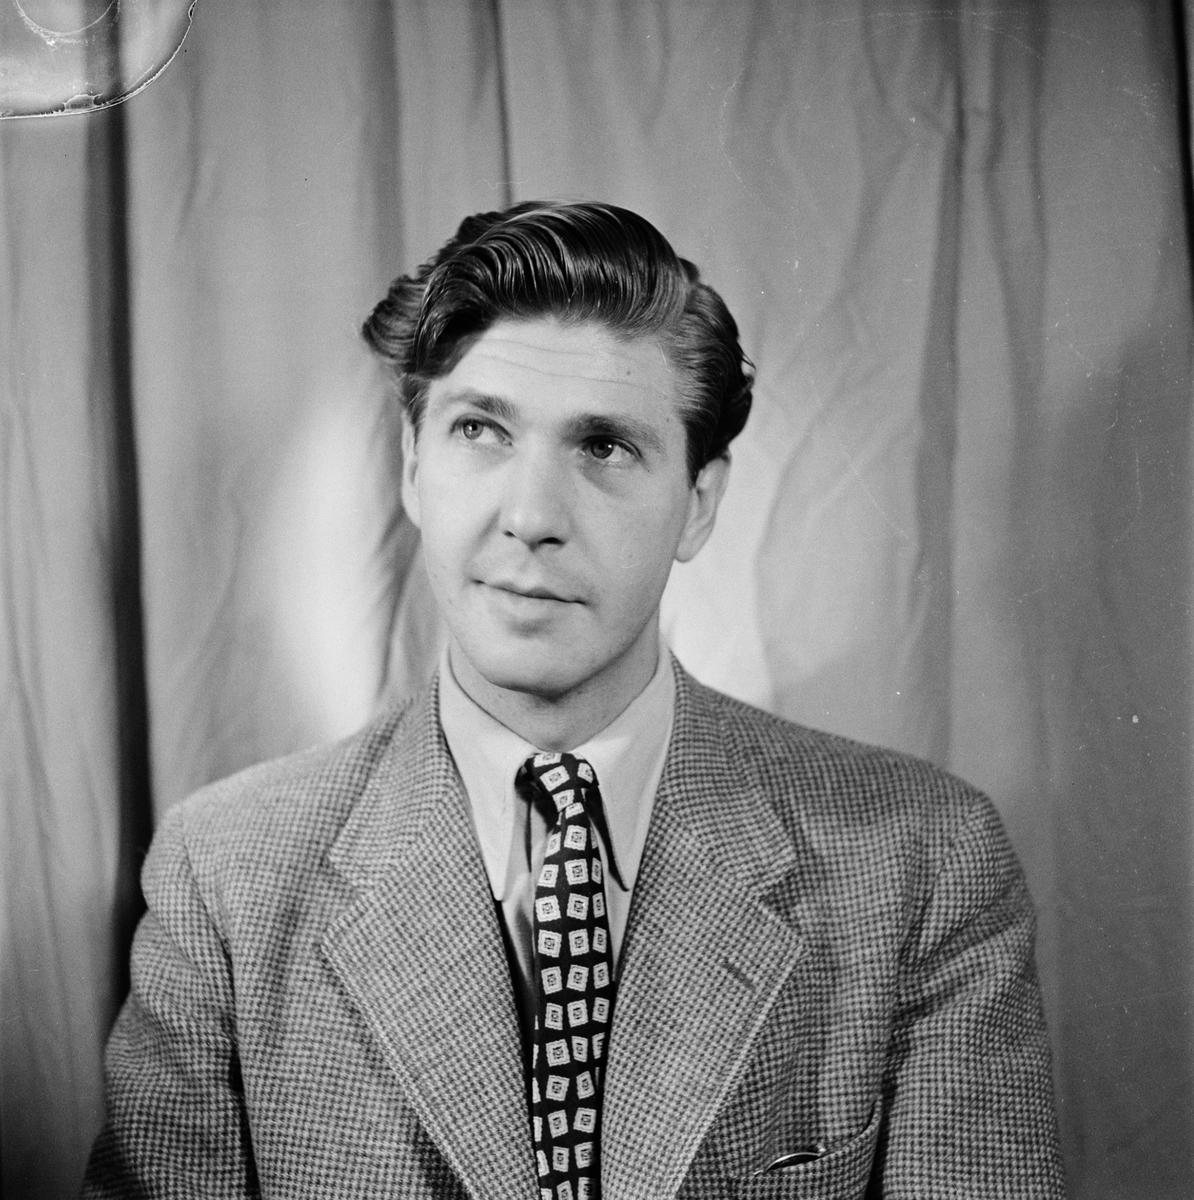 Ragnar Ågren, Uppsala 1948